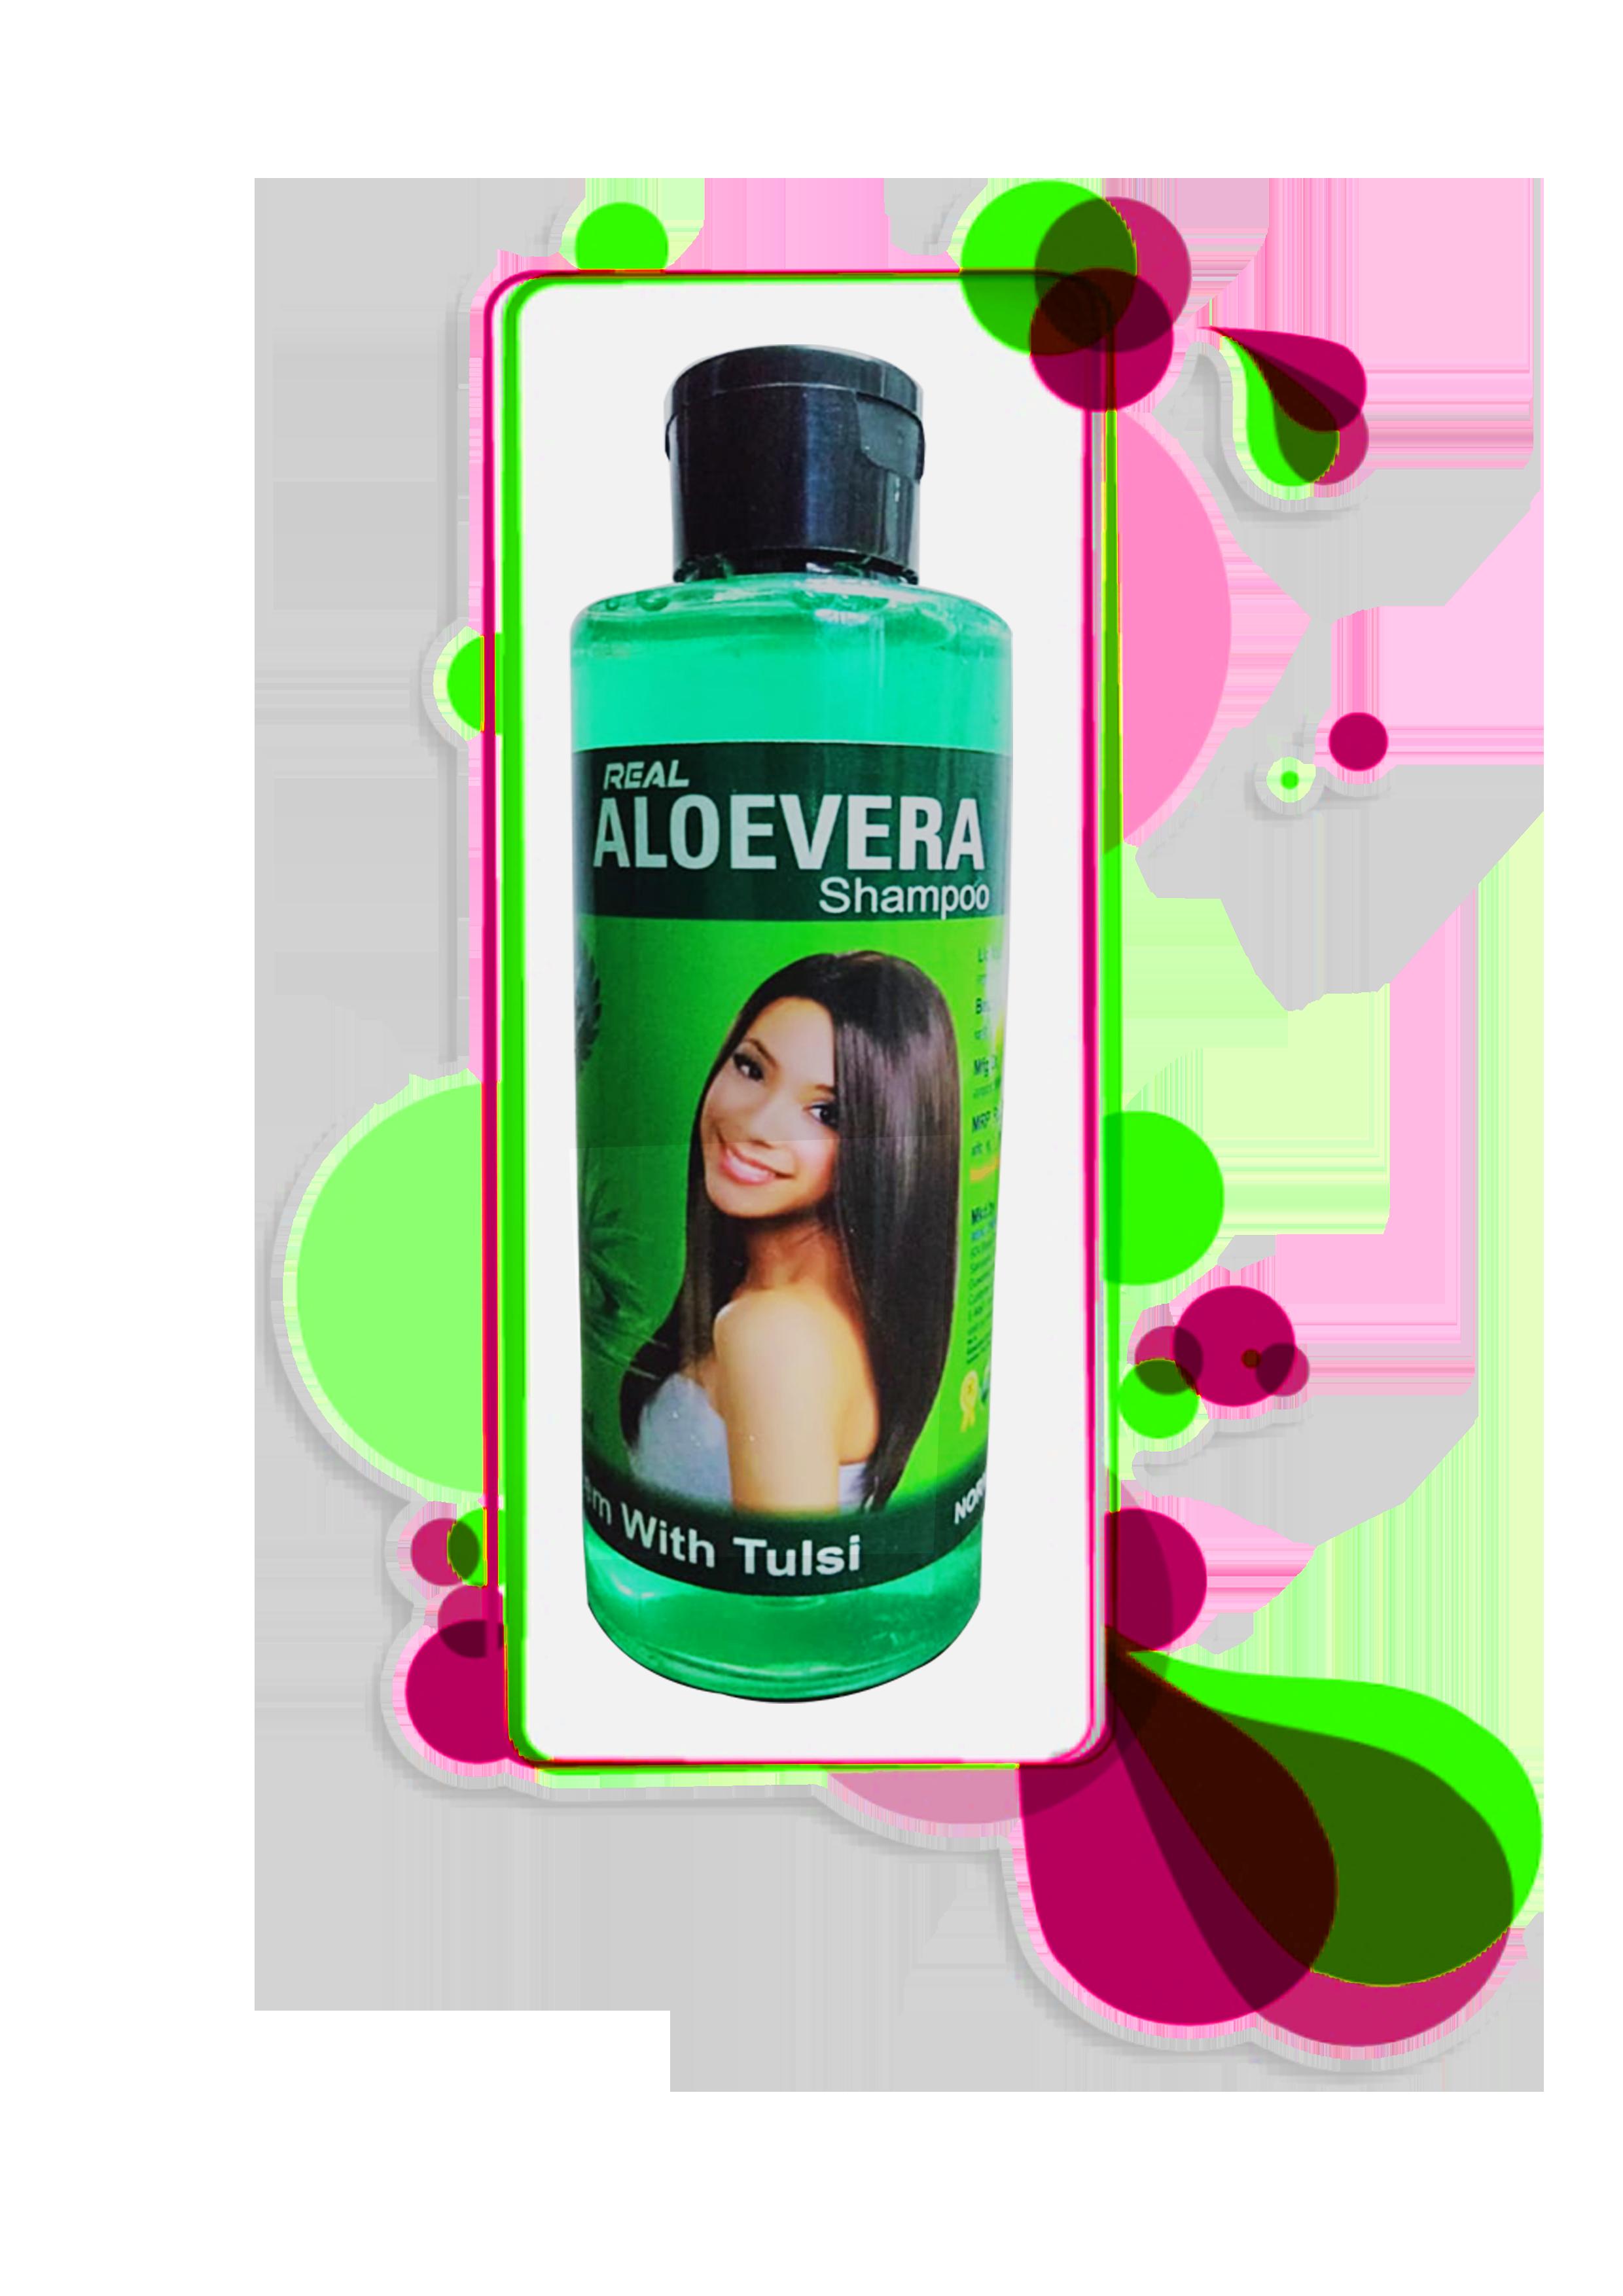 Real Aloe vera shampoo 200 ml